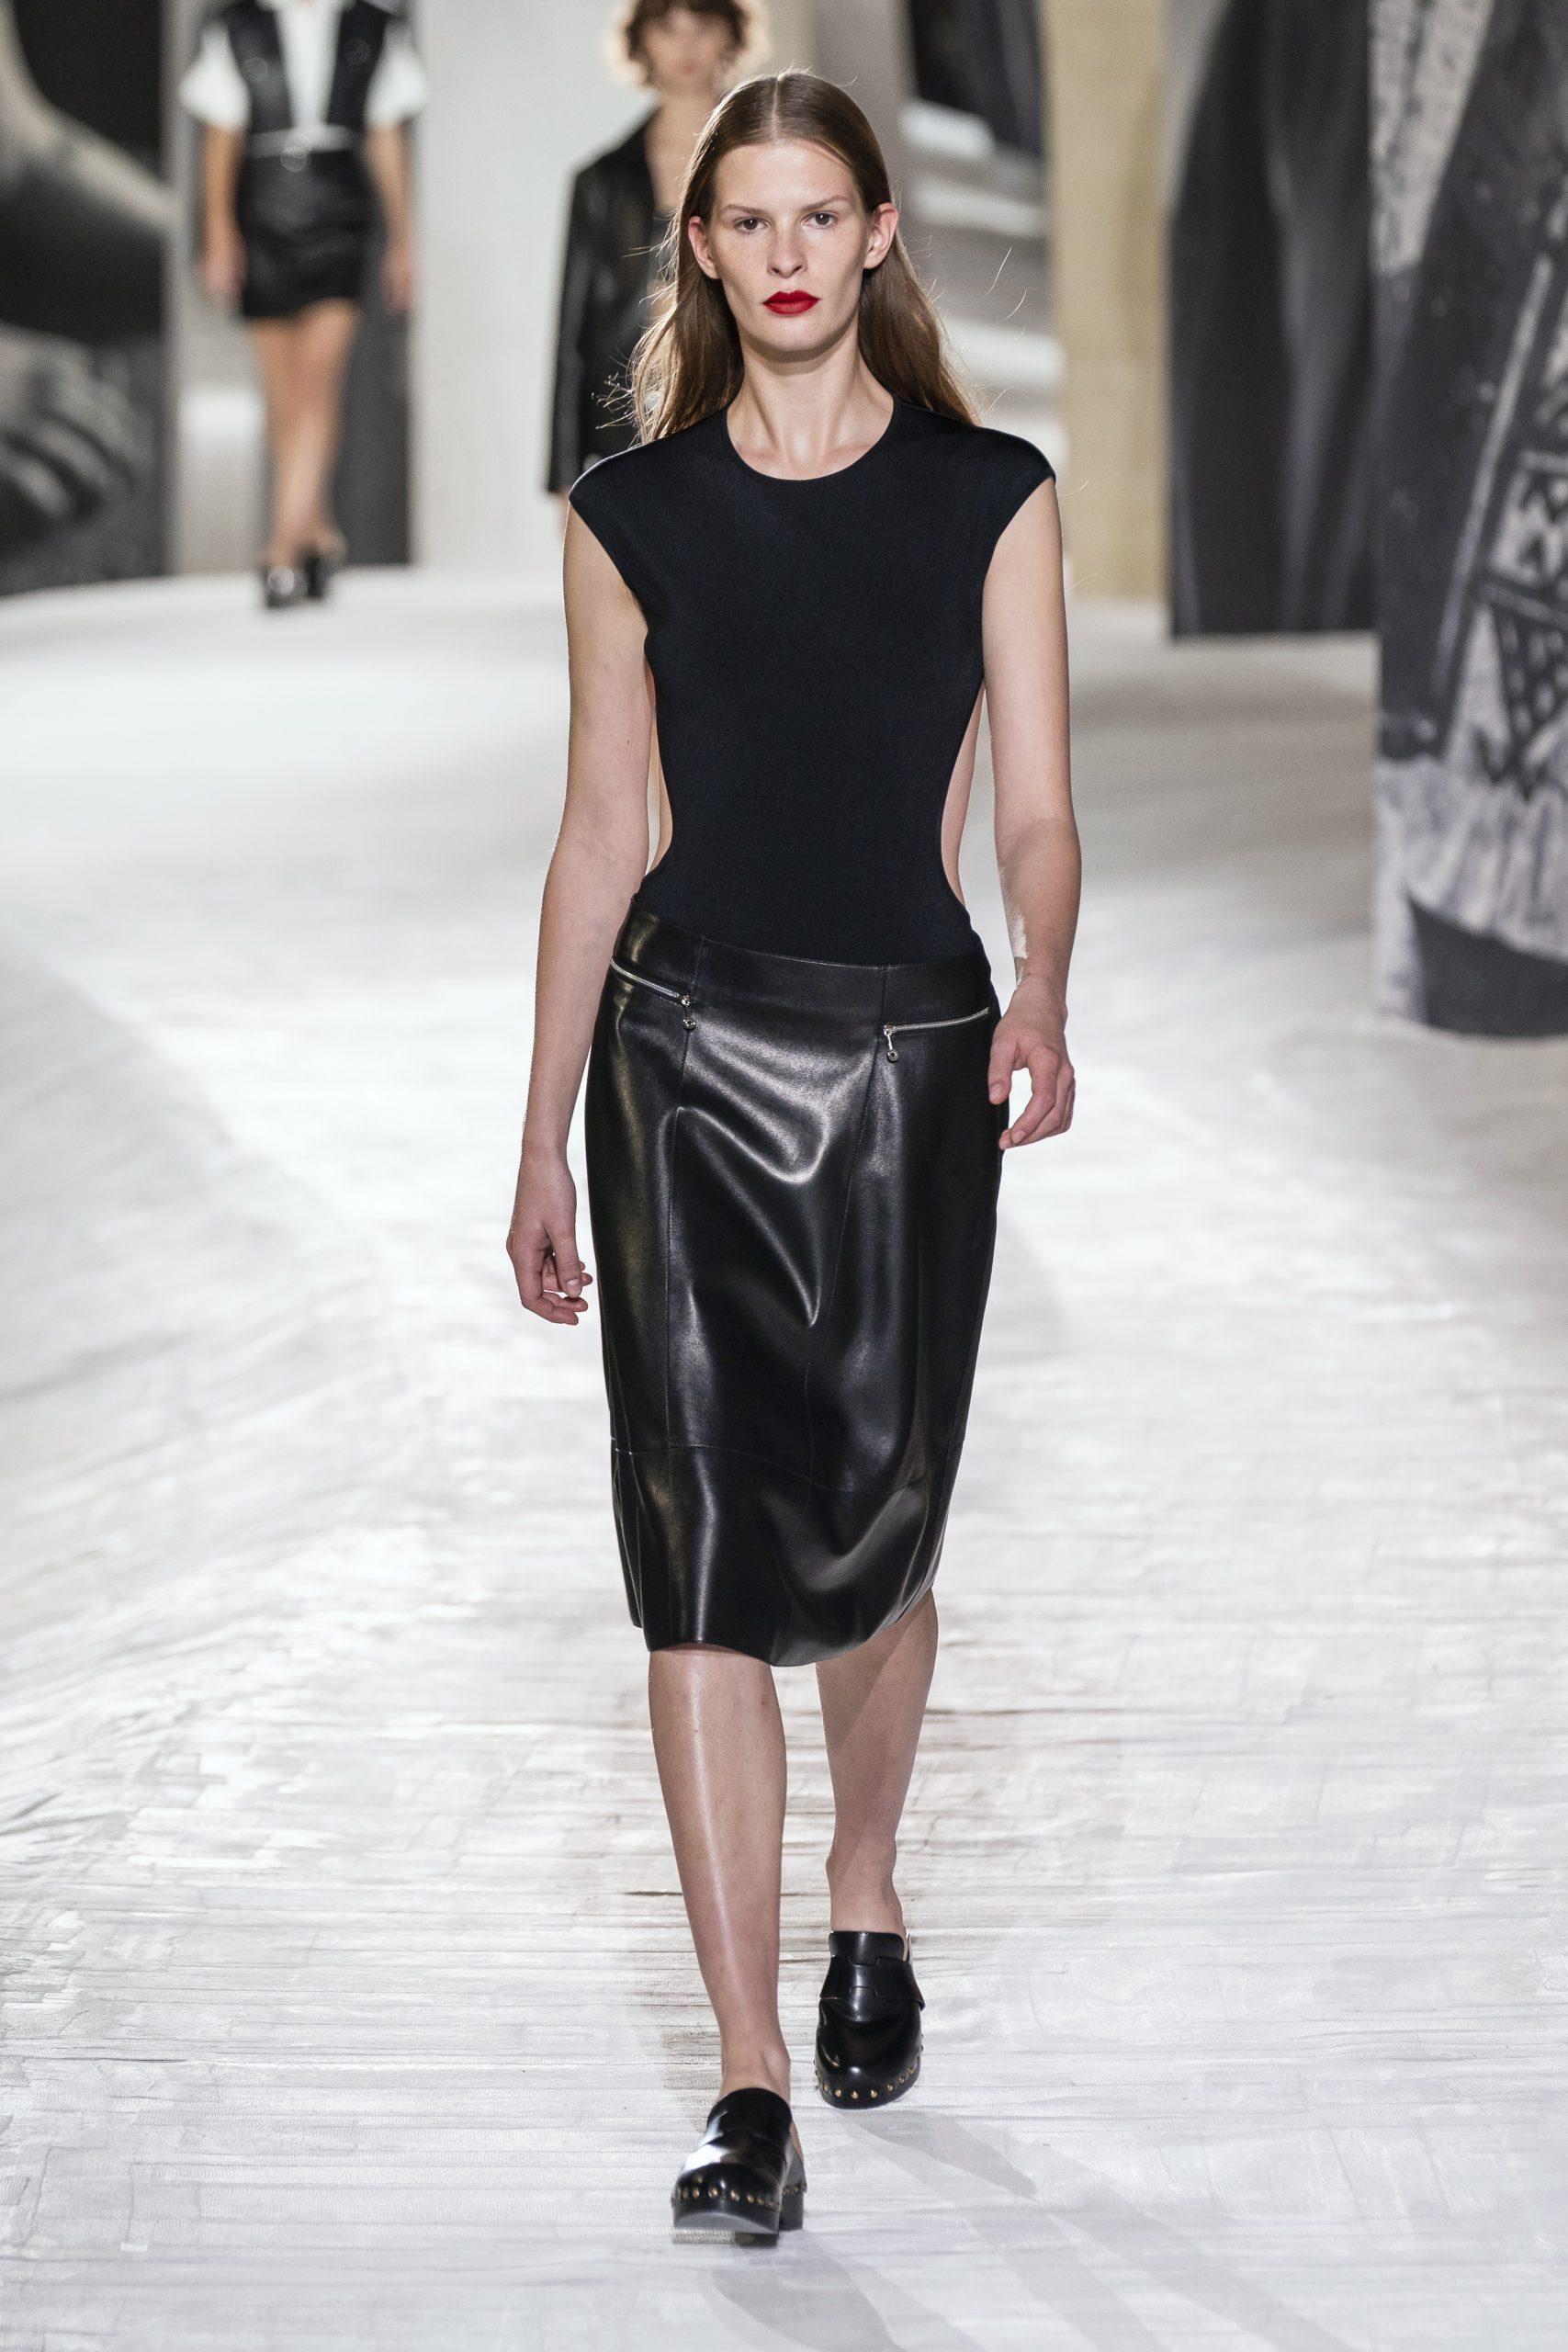 17. kép: Párizsi divathét - Hermès - 2021 tavasz-nyár - ready to wear